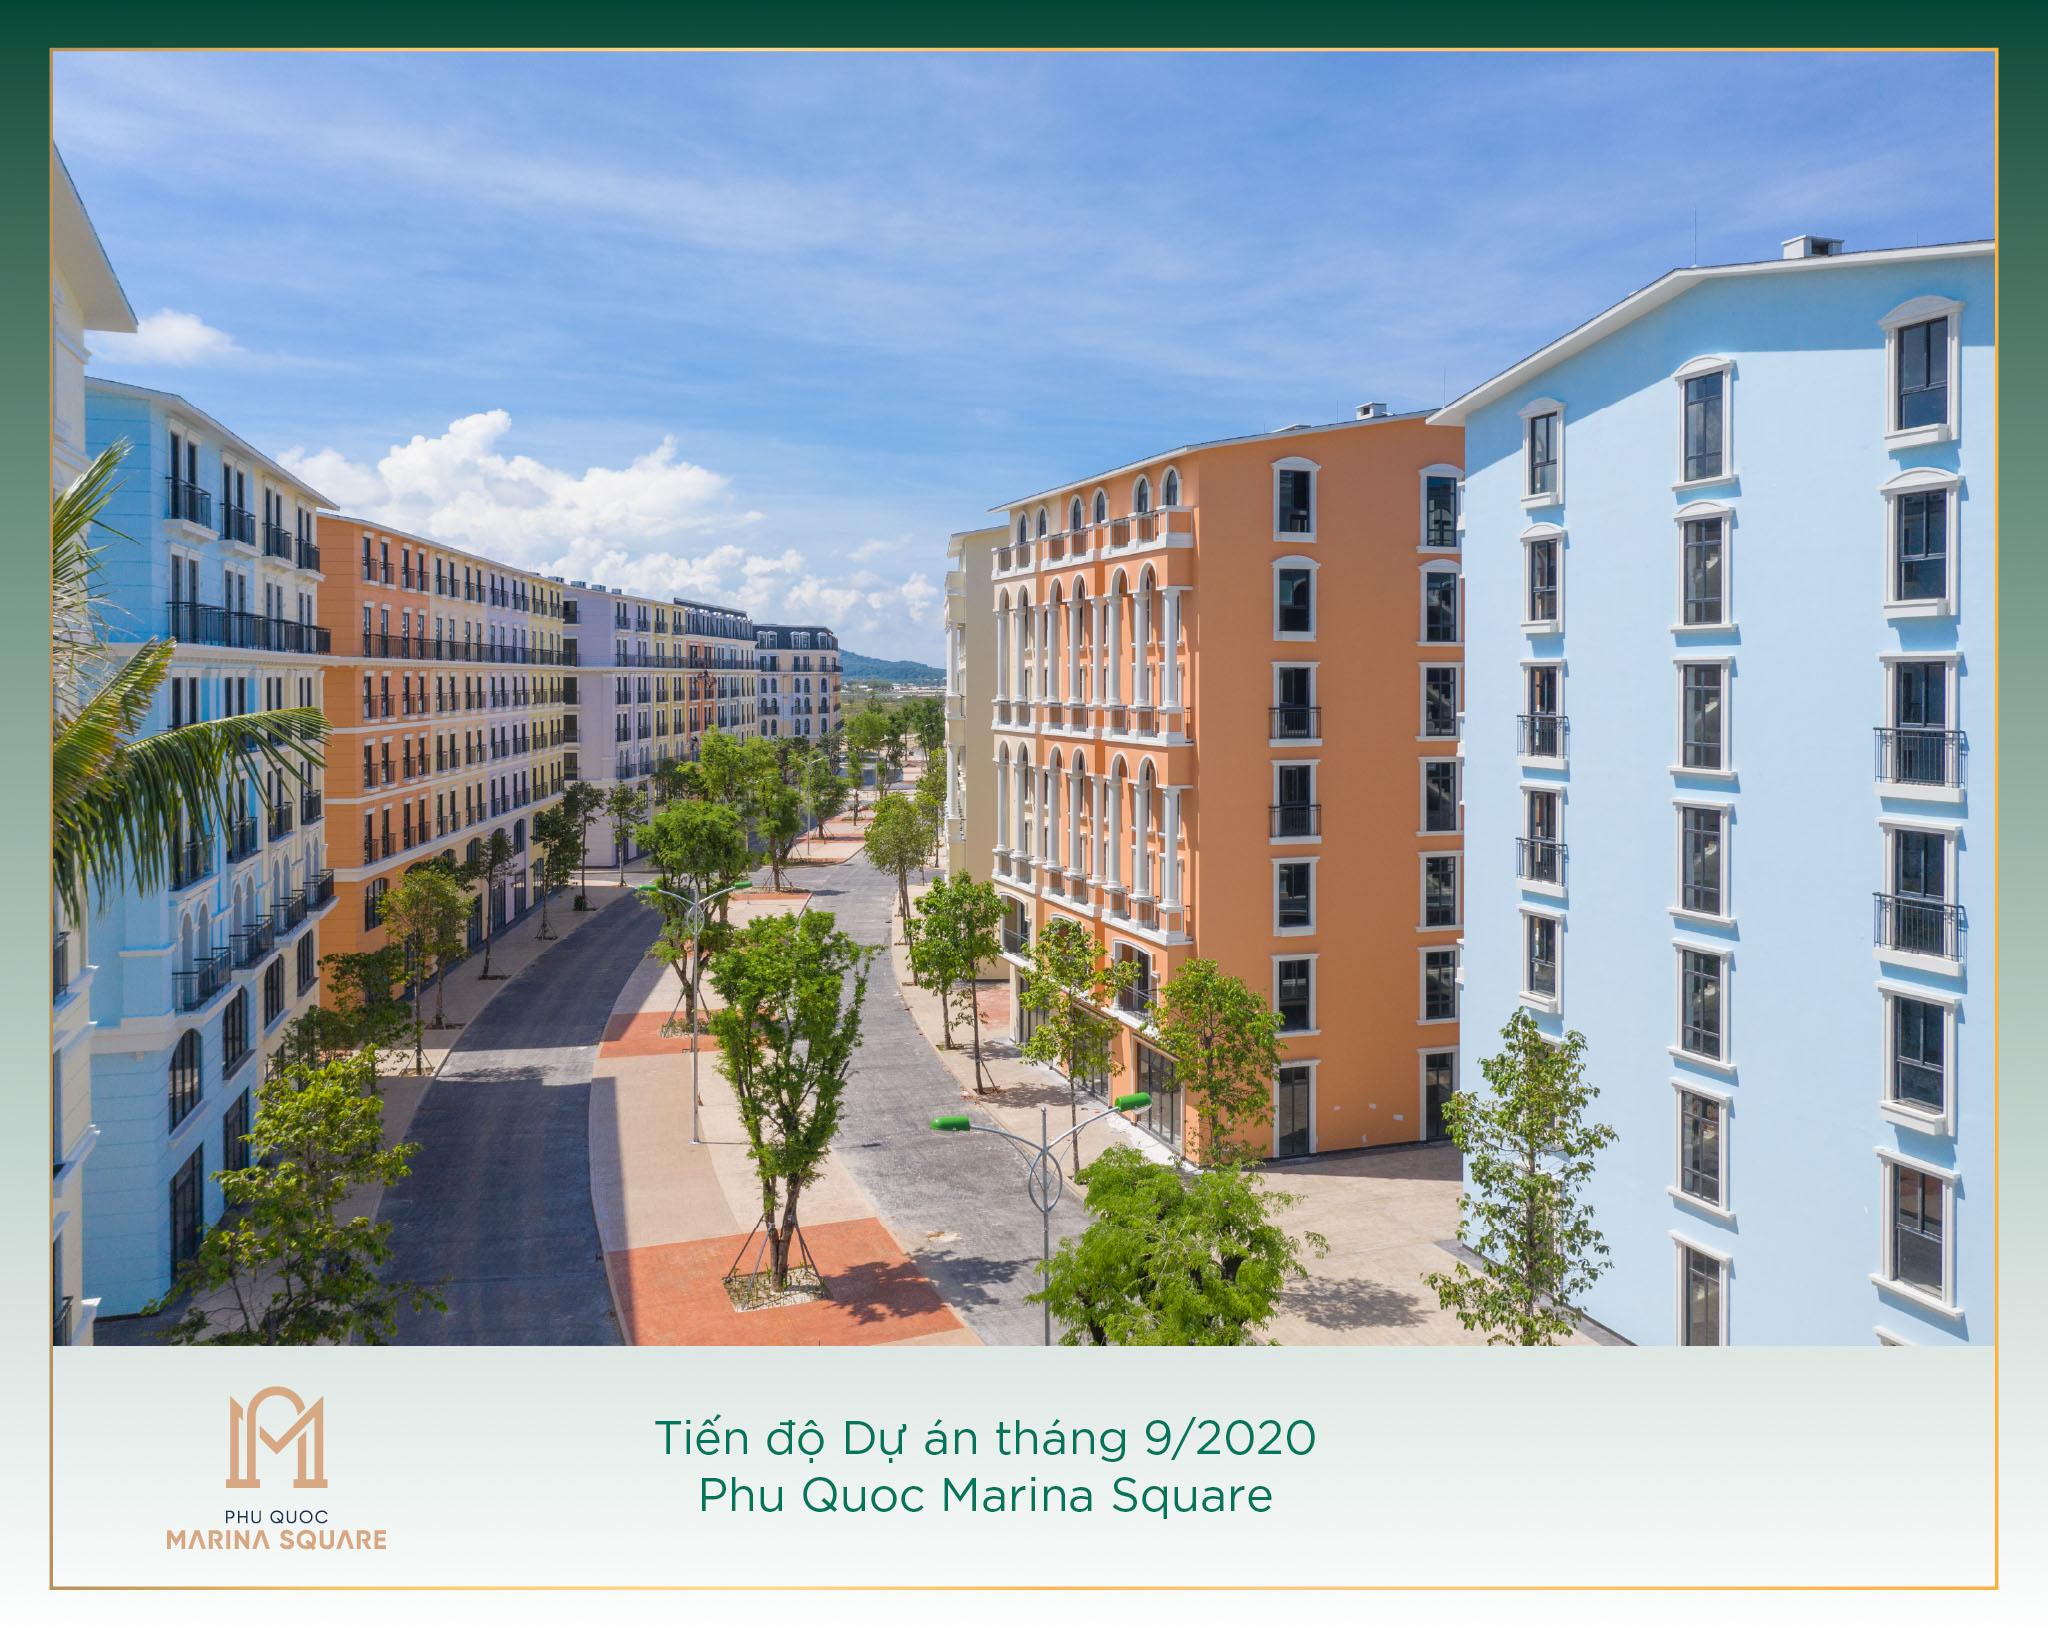 2020-09-08 tien do Phu Quoc Marina Square12